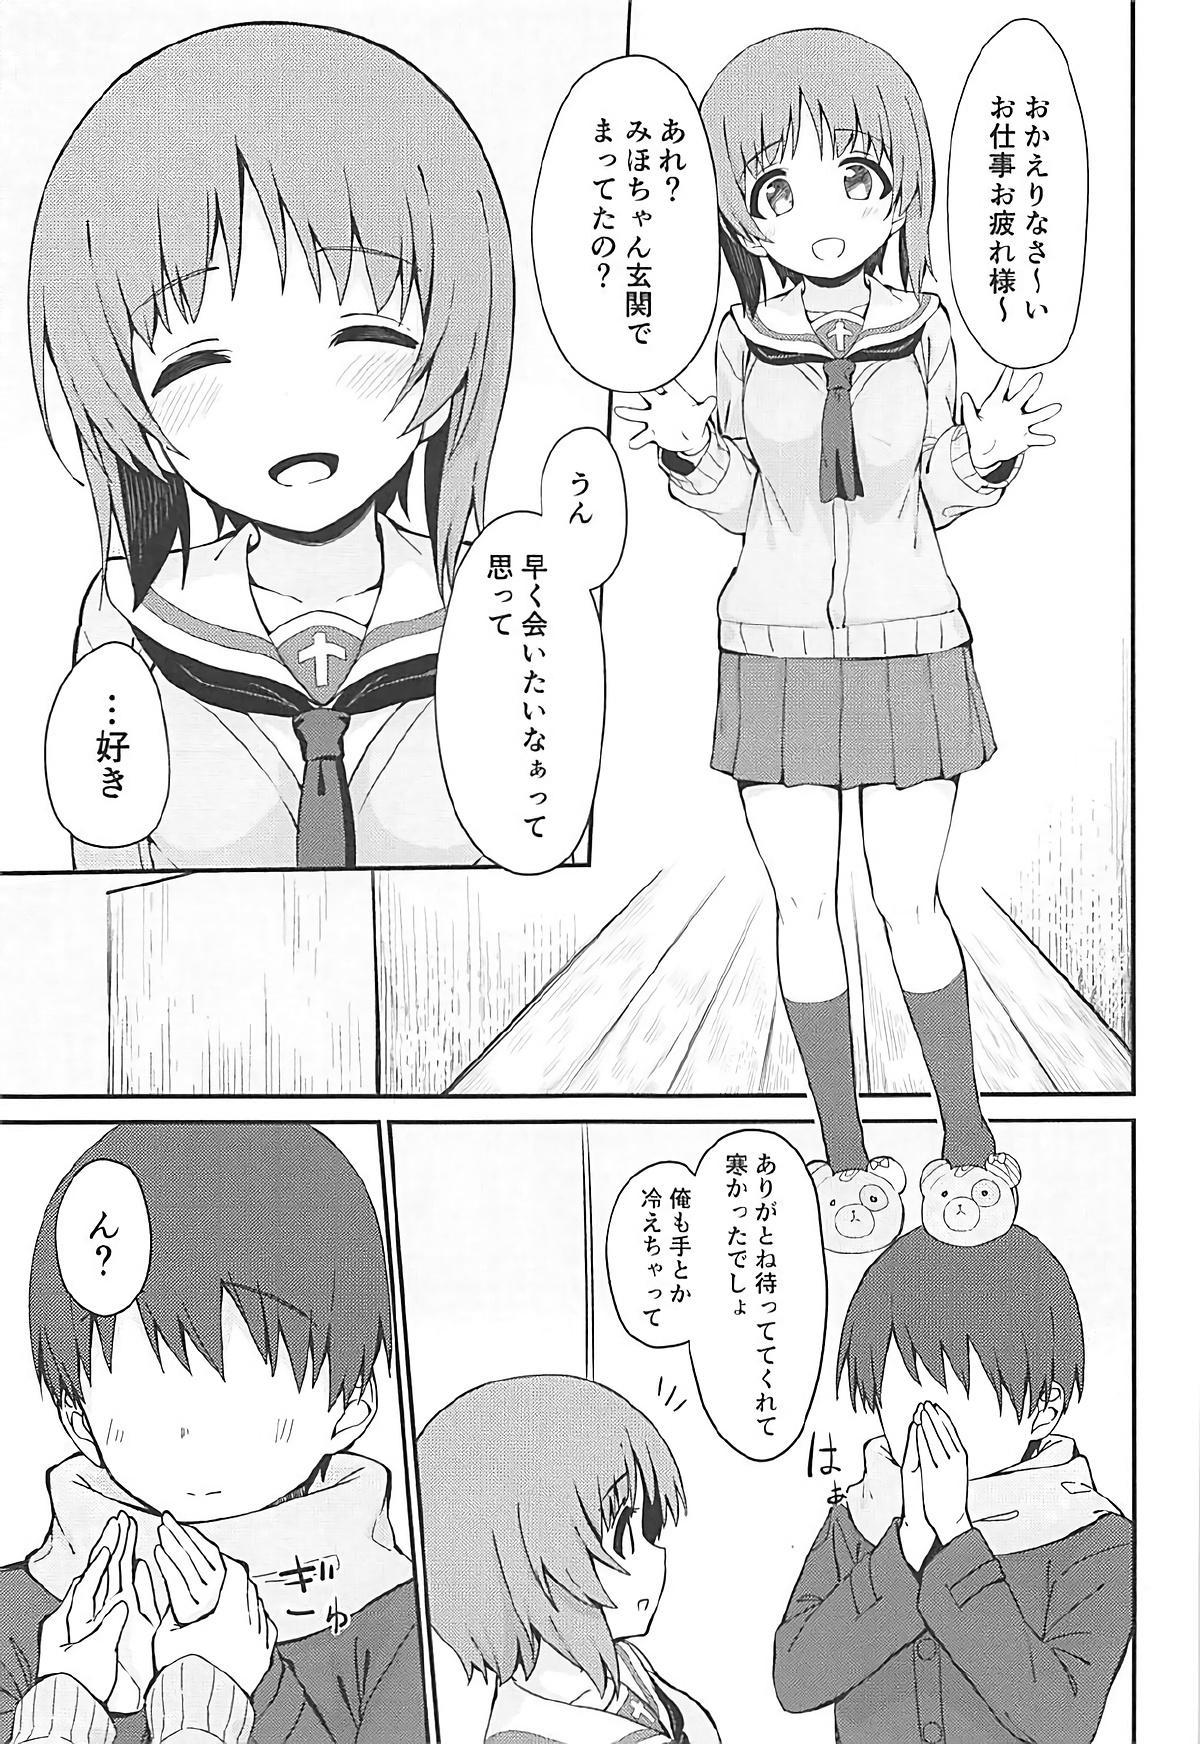 Miporin to Icha Love Ecchi suru Hon 1